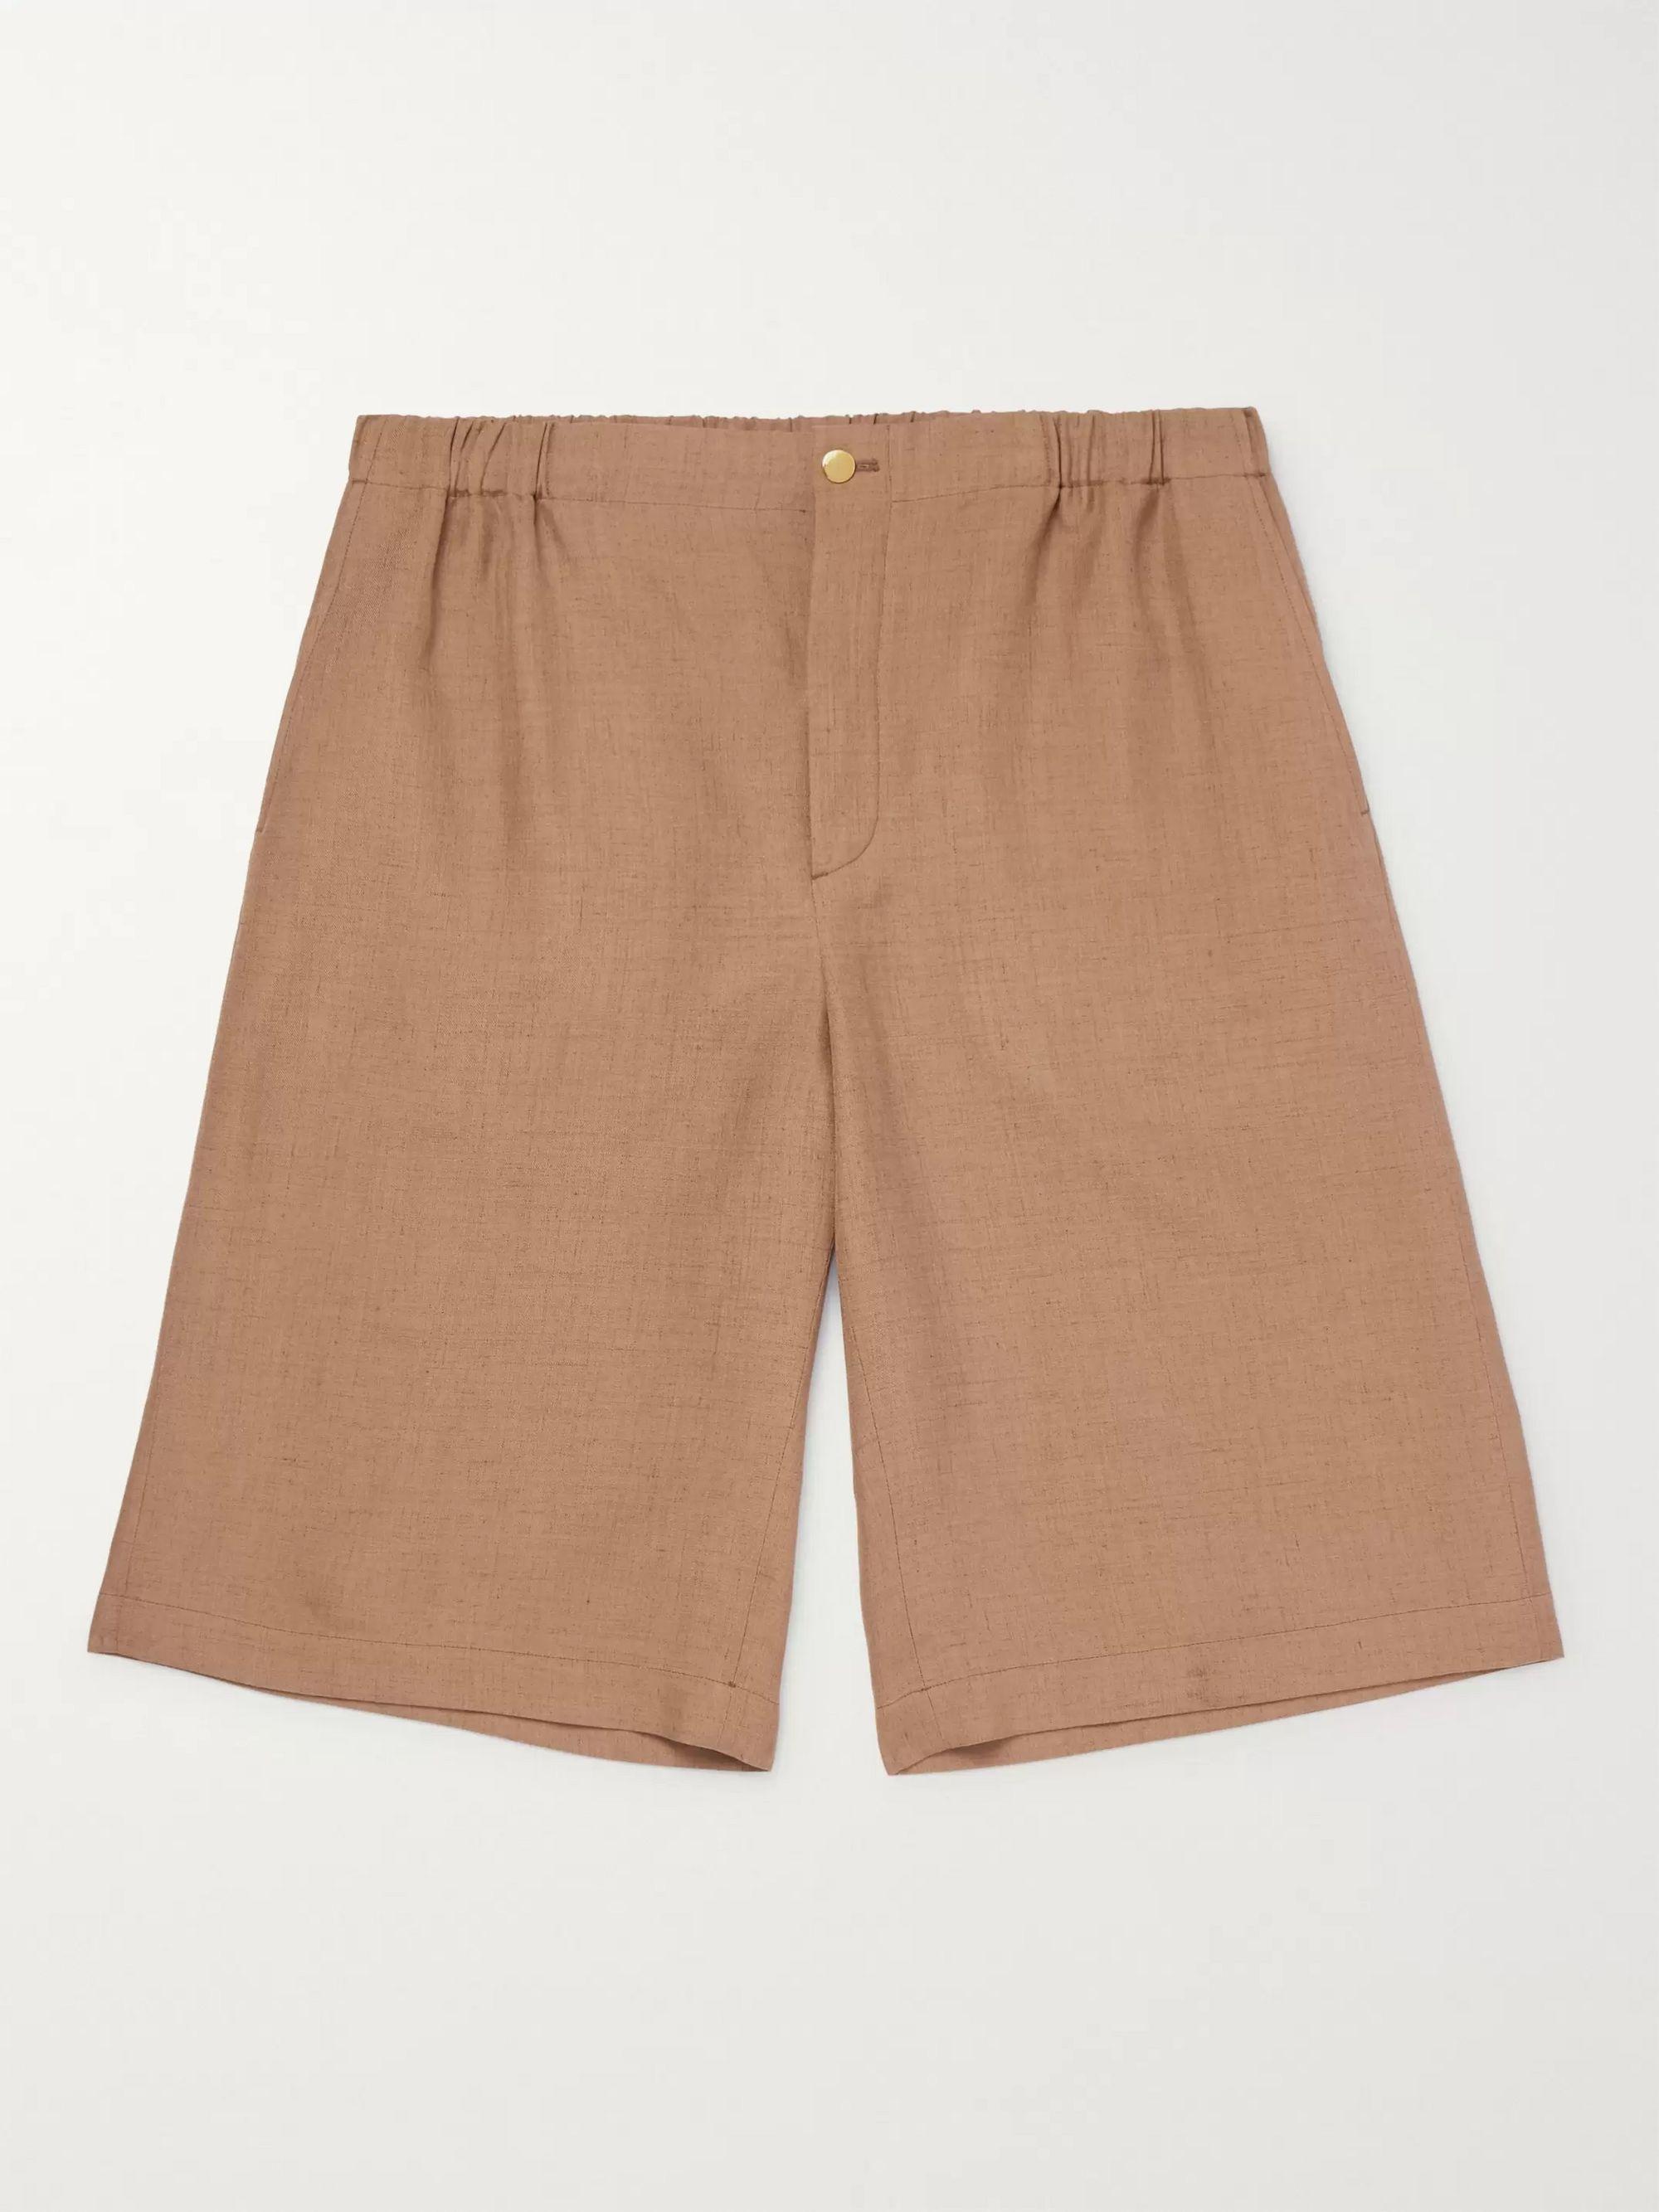 구찌 Gucci Wide-Leg Appliqued Hopsack Shorts,Brown